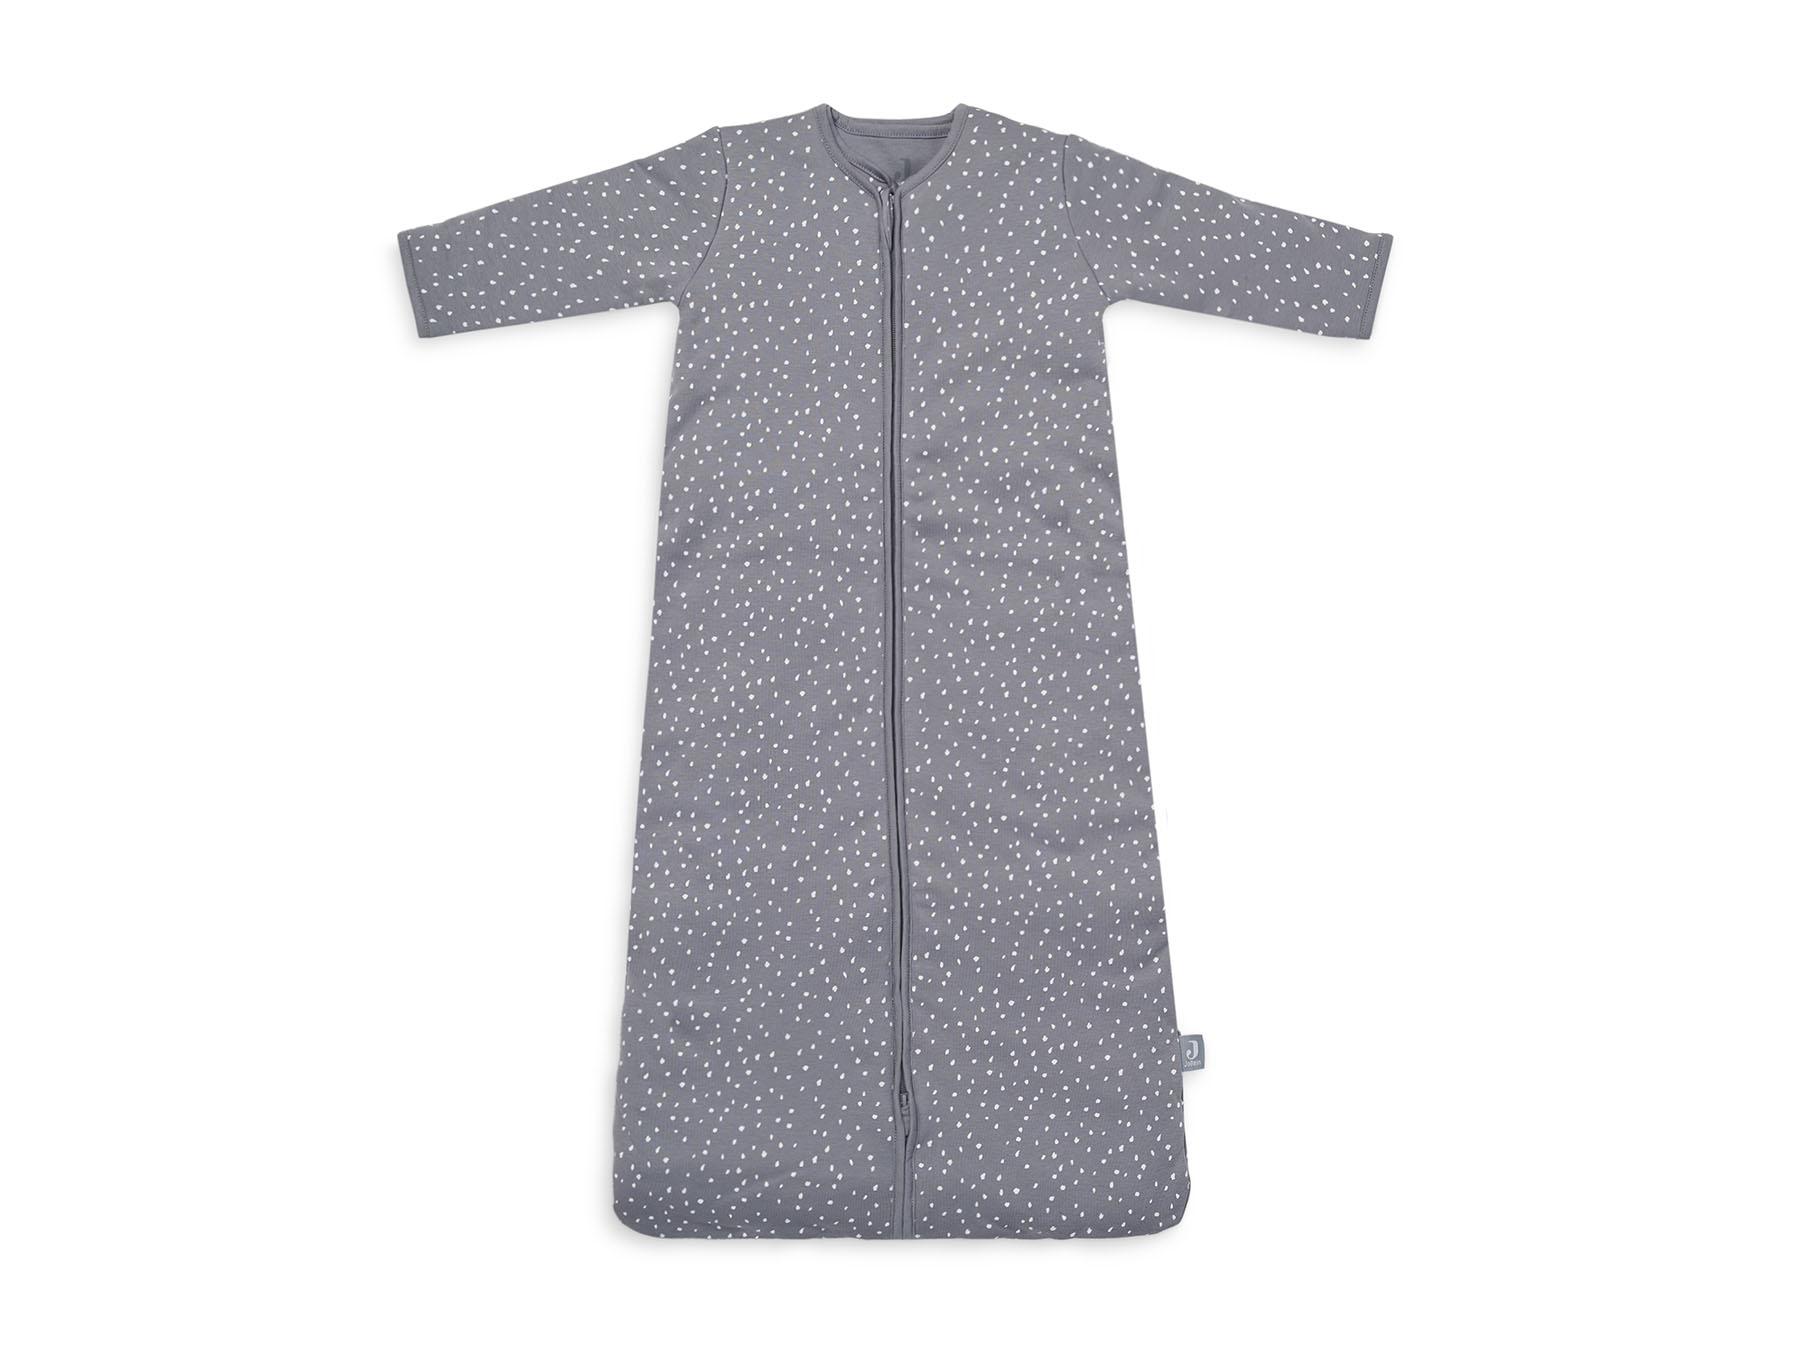 Schlafsack 4 Jahreszeiten Spickle grau (Gr. 110 cm)